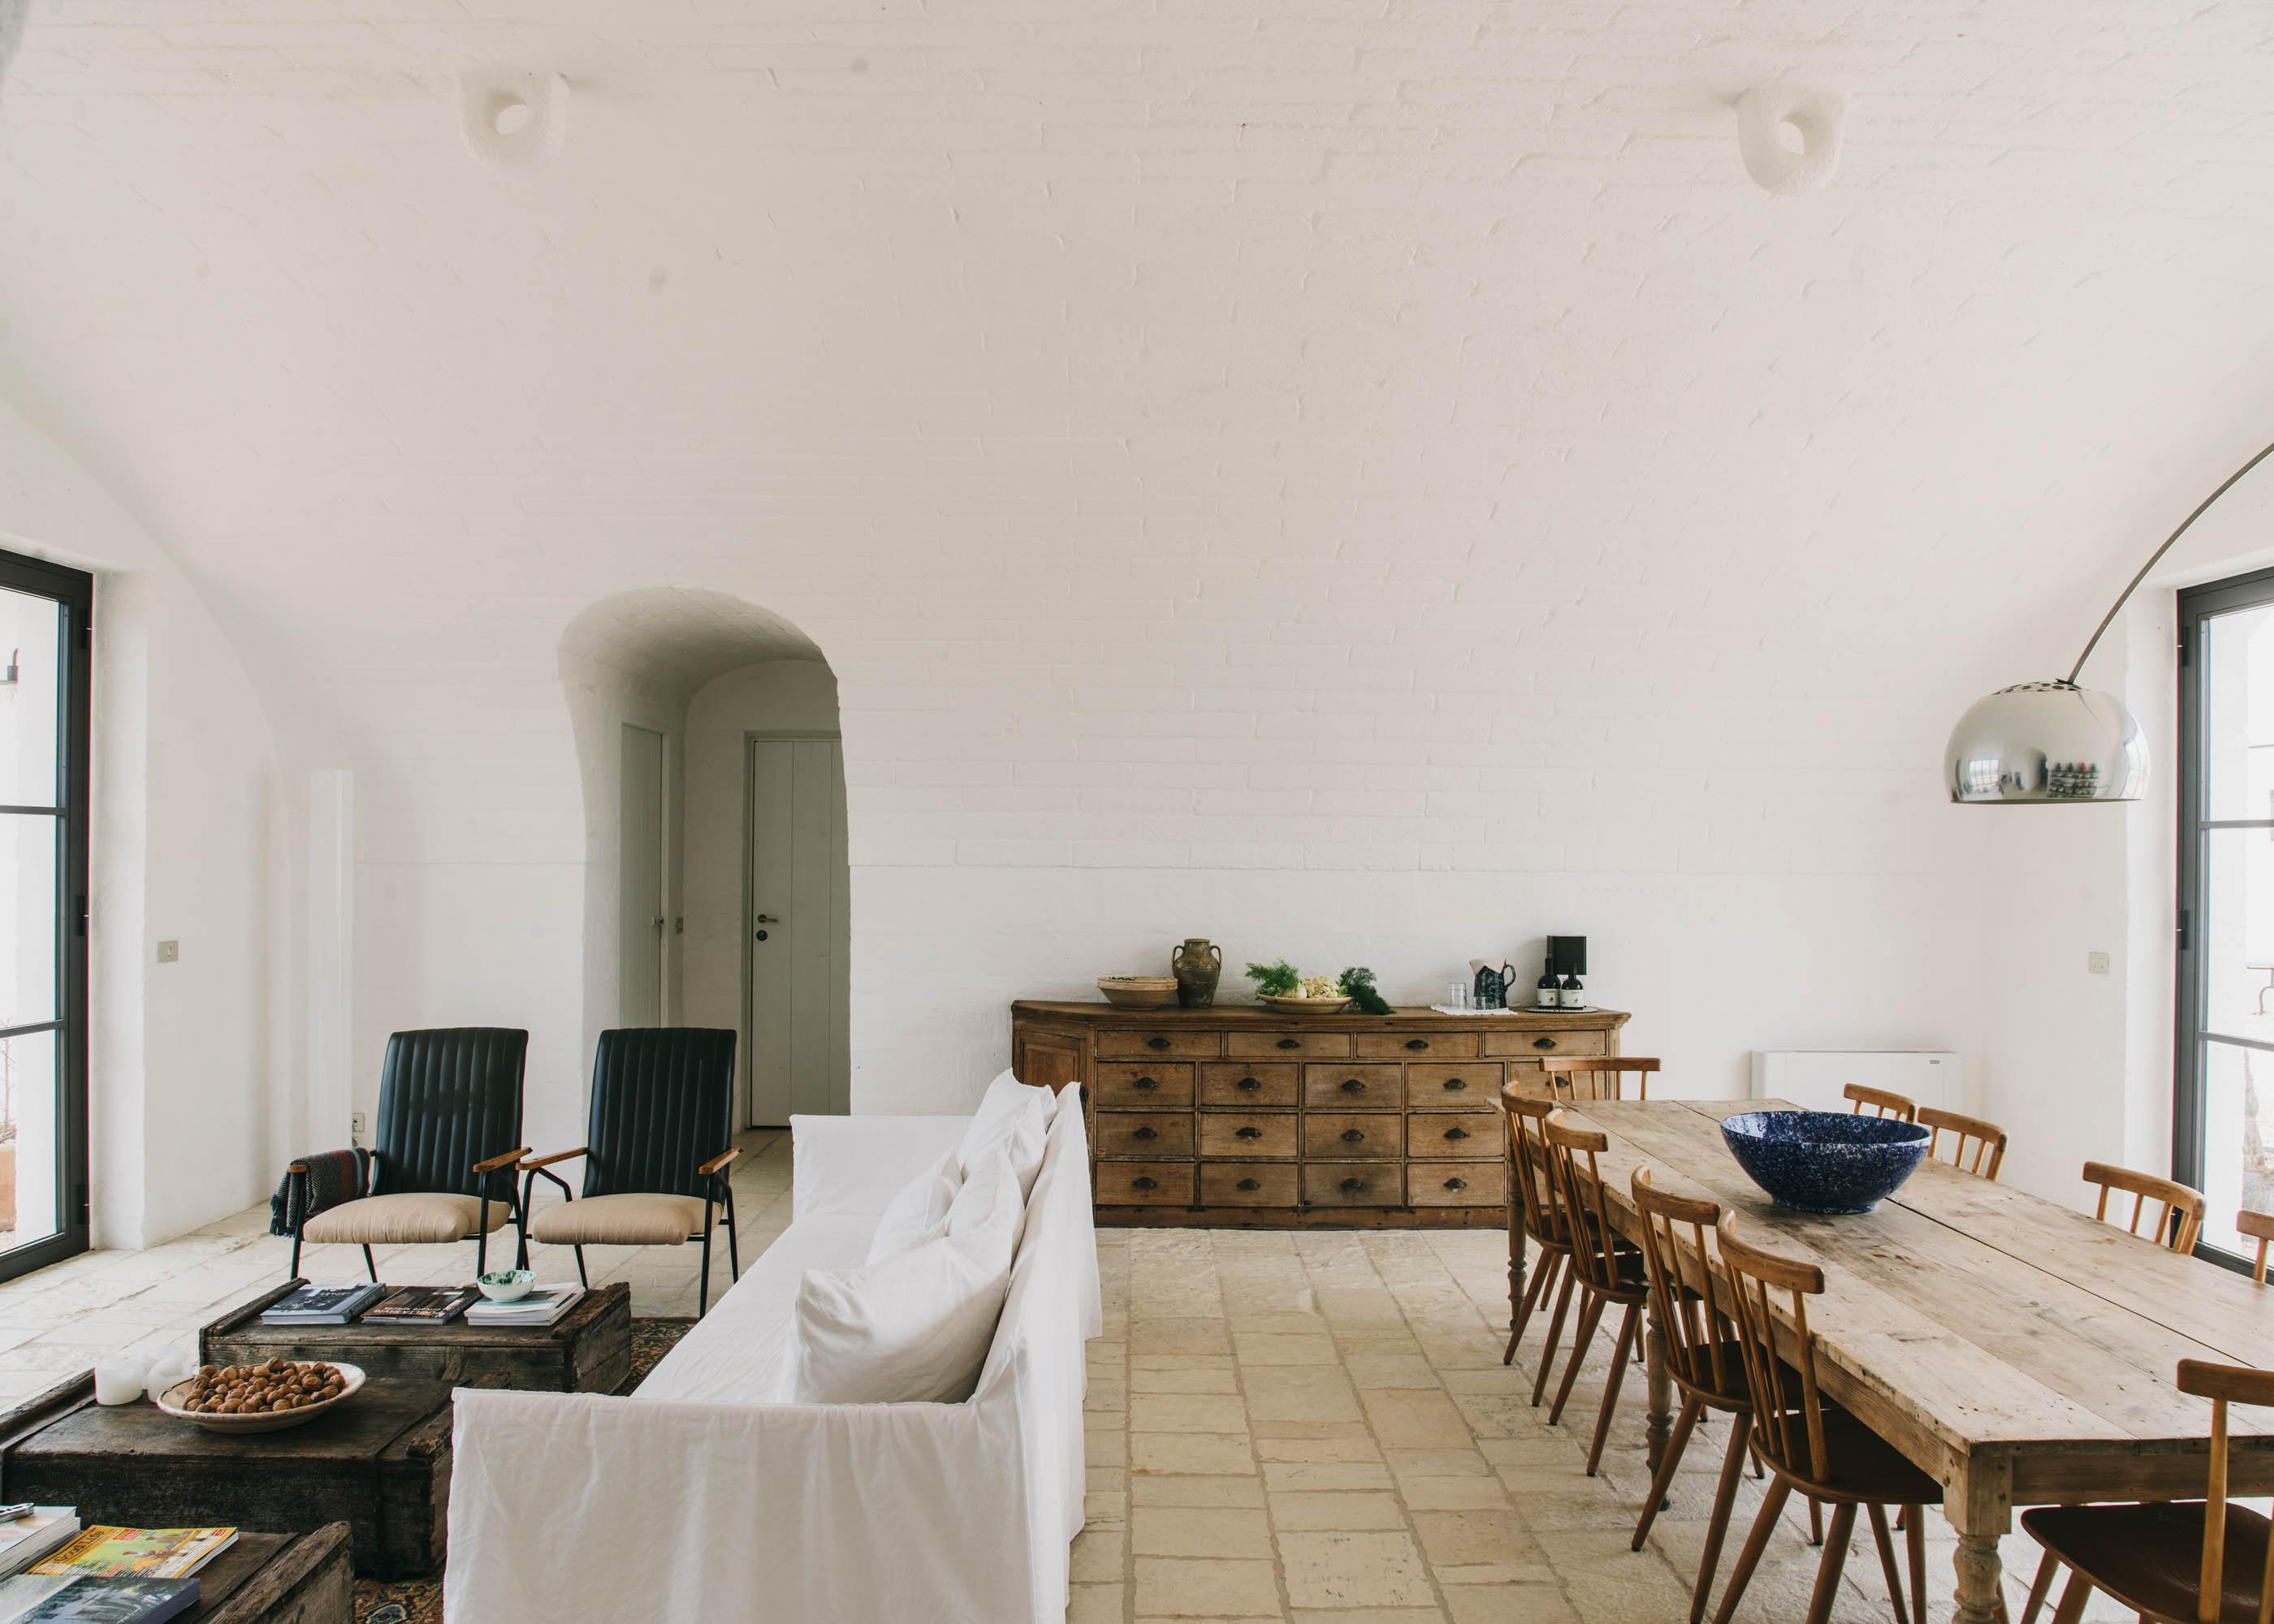 khu nghỉ dưỡng Masseria Moroseta-hot list-elledecoration vn-12